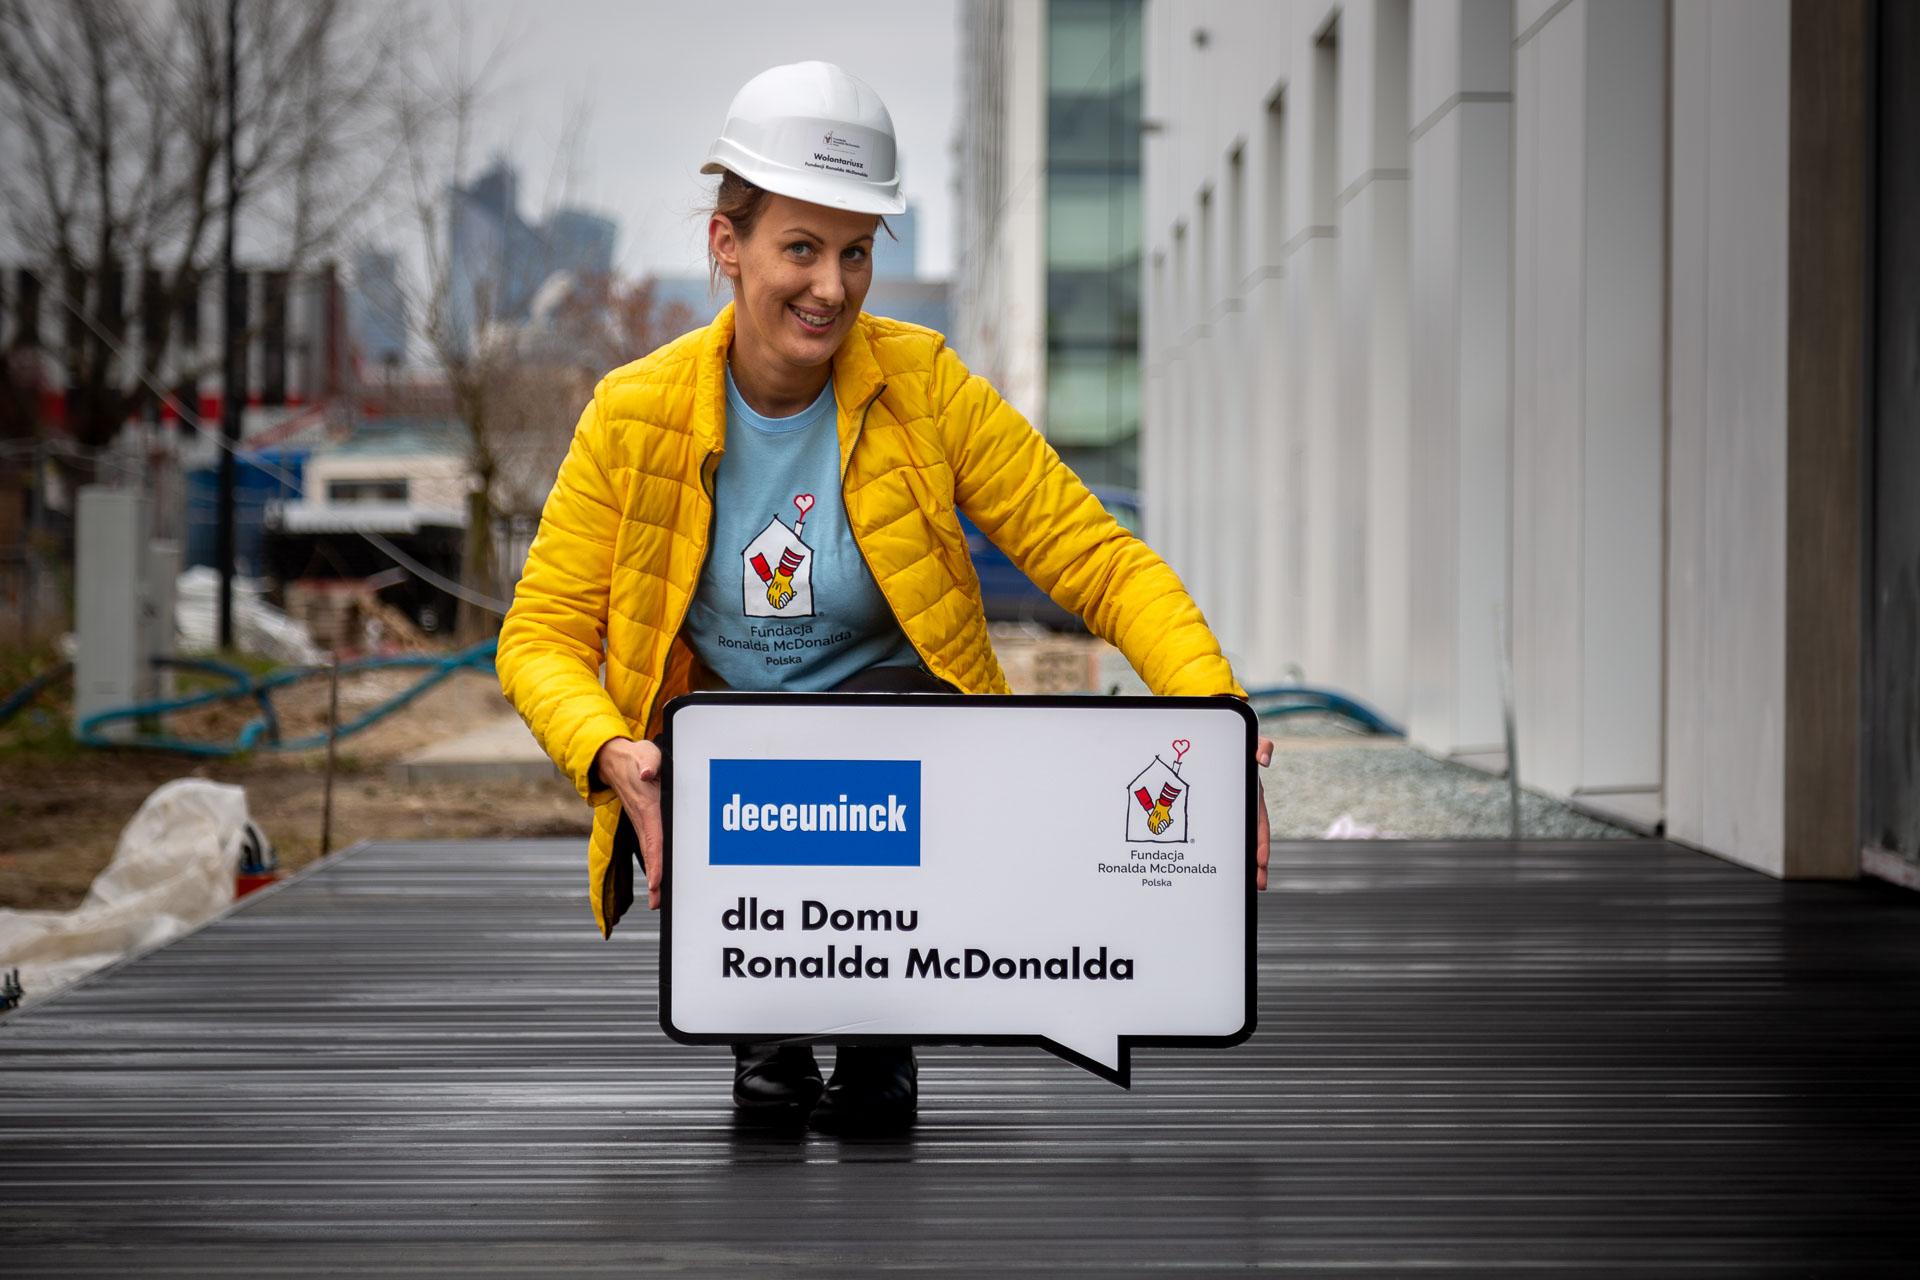 Deceuninck wspiera fundację Ronalda McDonalda